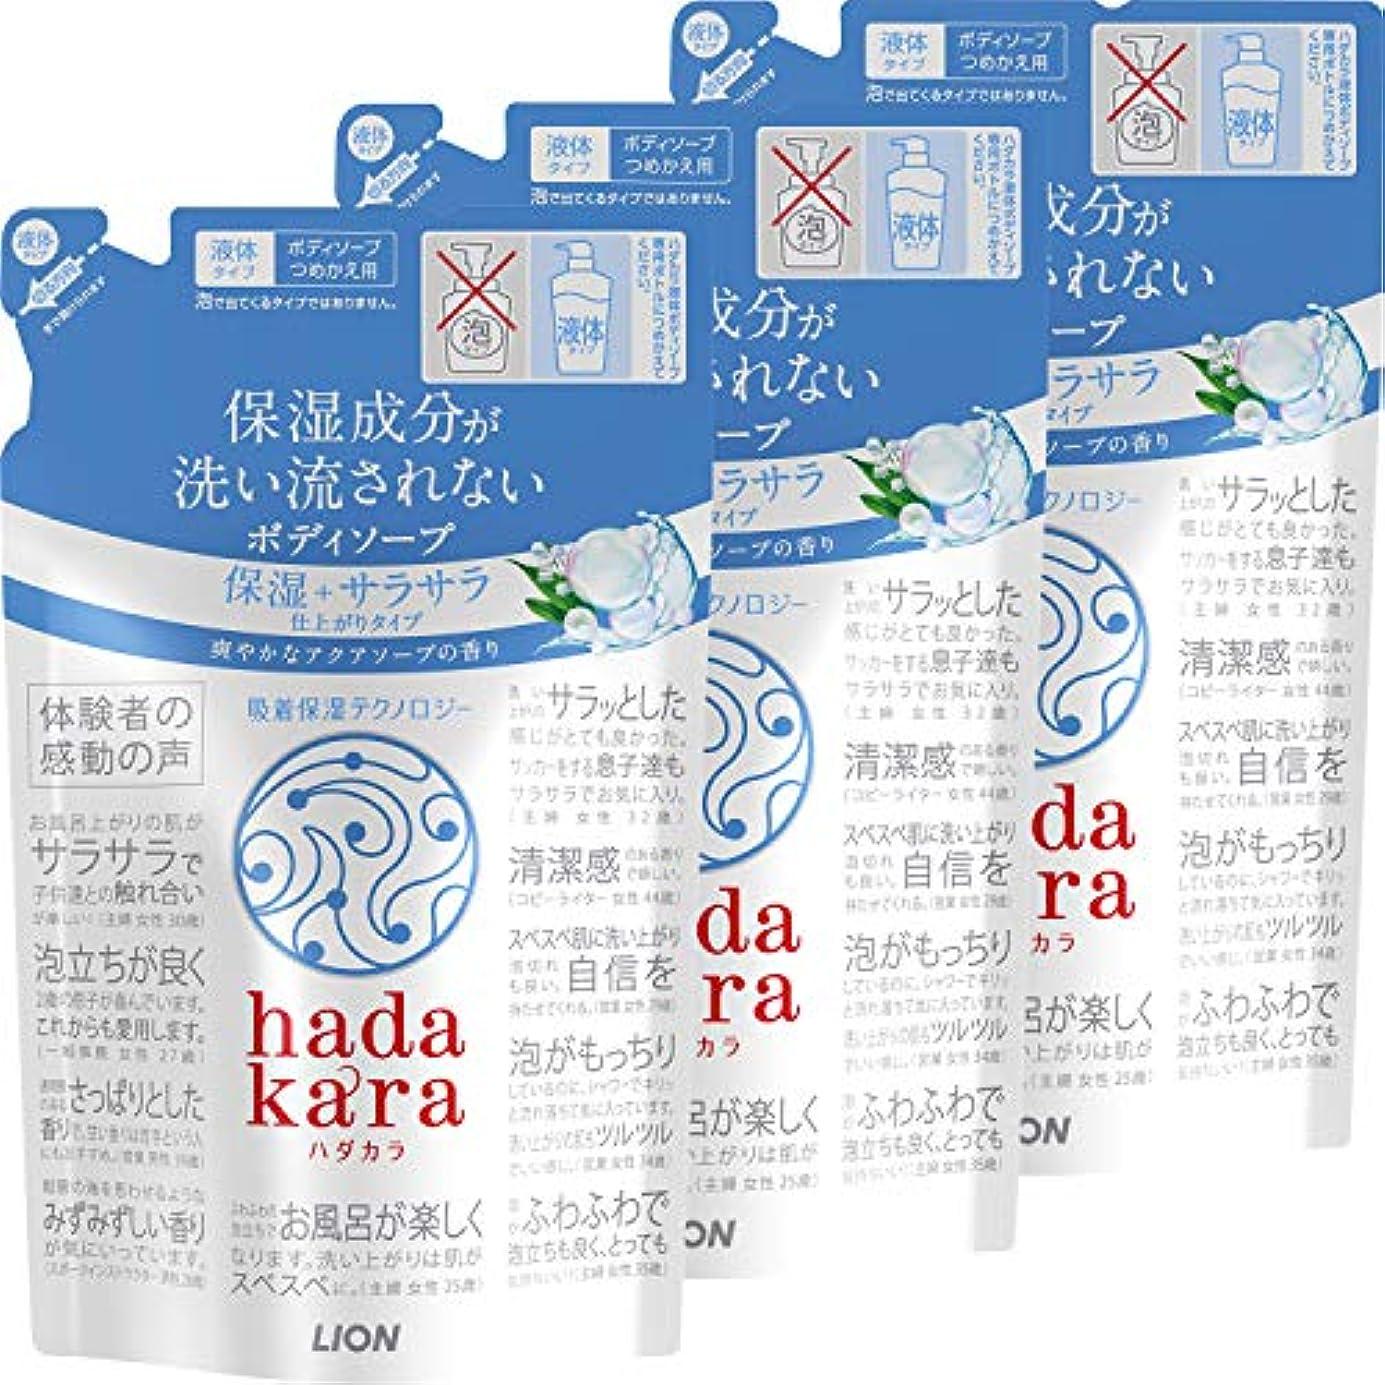 ラフ睡眠星恐怖hadakara(ハダカラ) ボディソープ 保湿+サラサラ仕上がりタイプ アクアソープの香り つめかえ340ml×3個 アクアソープ(保湿+サラサラ仕上がり) 詰替え用